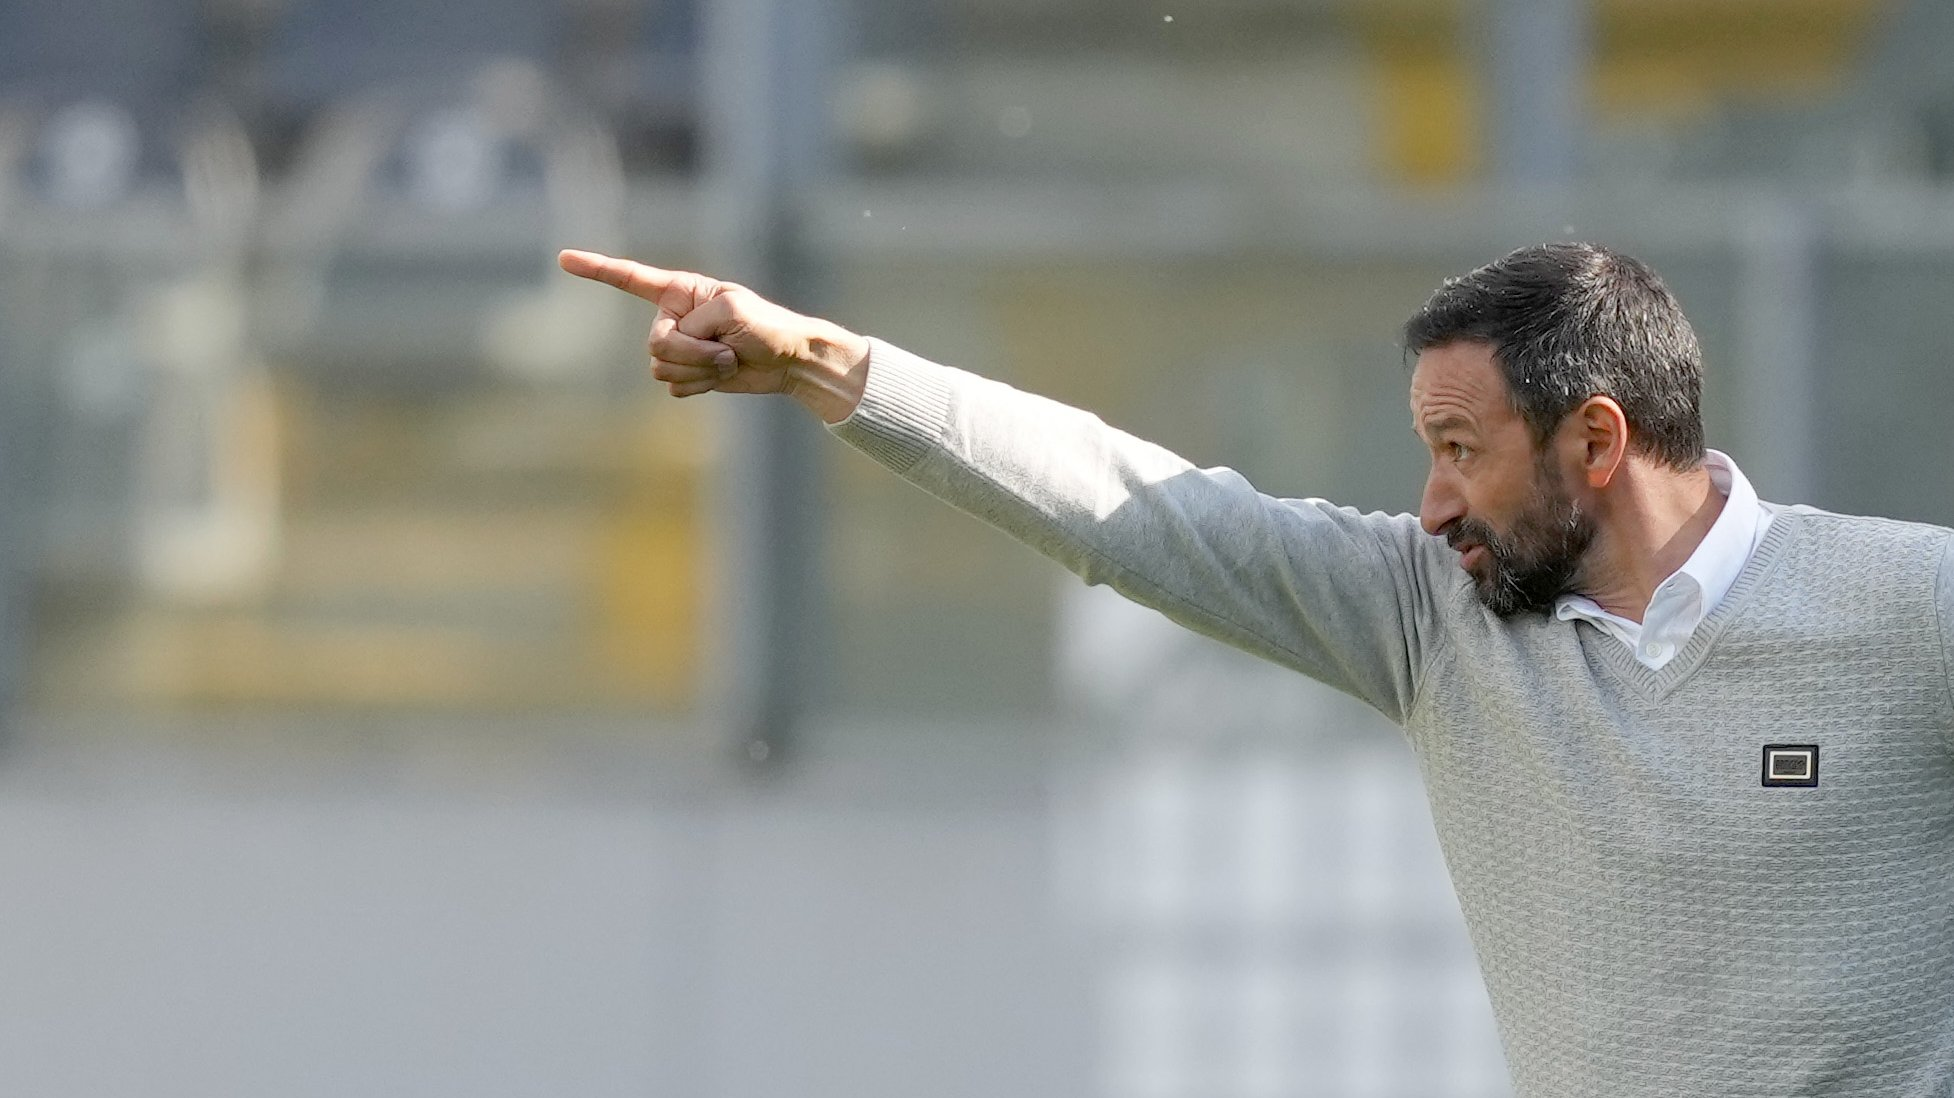 Bino Maçães, treinador do Vitória de Guimarães, durante o jogo com o Moreirense a contar para a Primeira Liga de Futebol realizado no Estádio D. Afonso Henriques em Guimarães, 30 de abril de 2021. HUGO DELGADO/LUSA